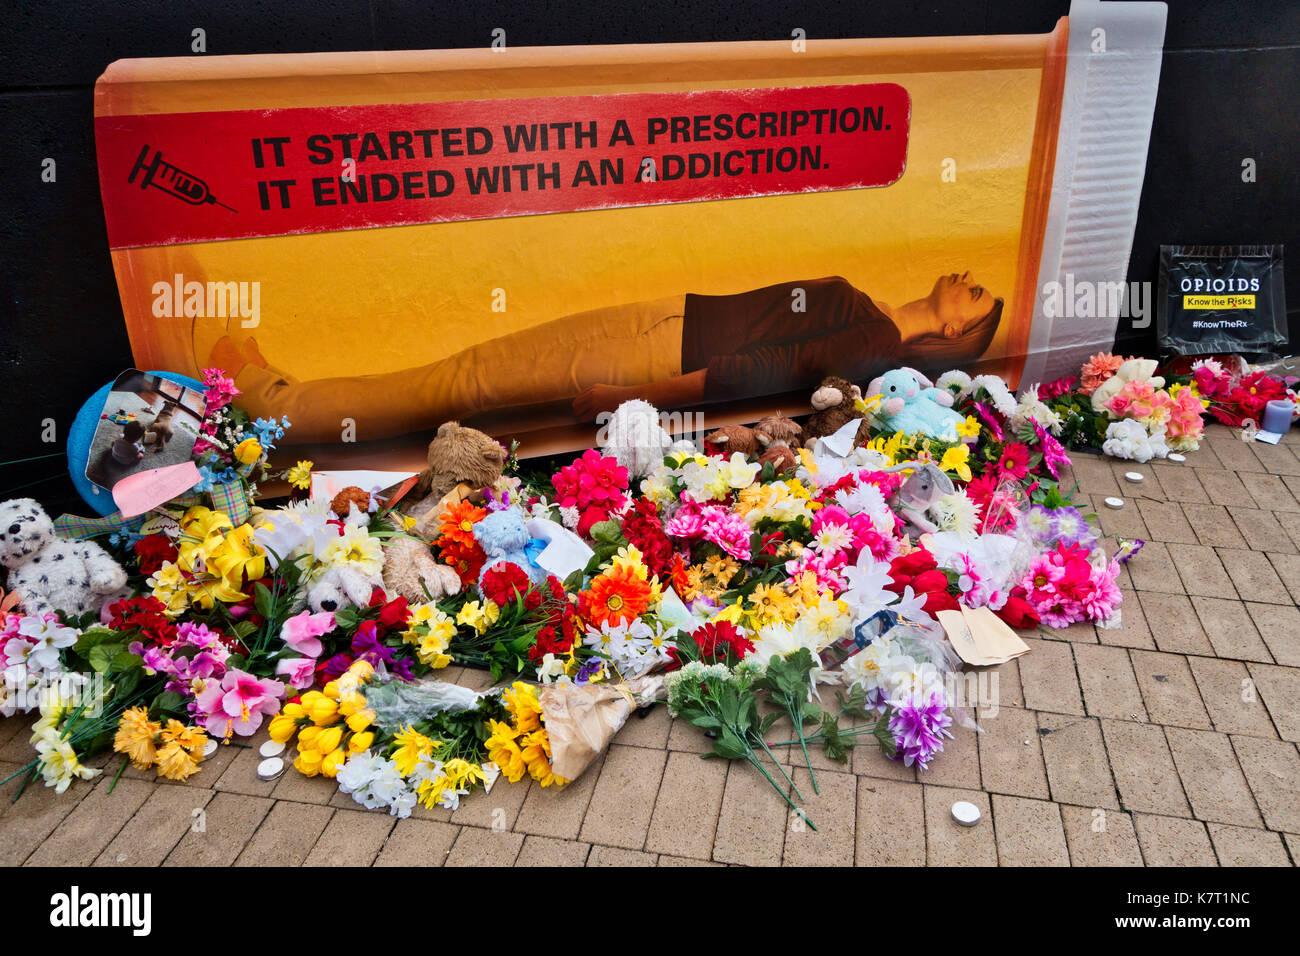 Un annuncio di scoraggiare l uso di droghe e la tossicodipendenza, circondato da molti omaggi di fiori. Cleveland, Ohio, Stati Uniti d'America Immagini Stock